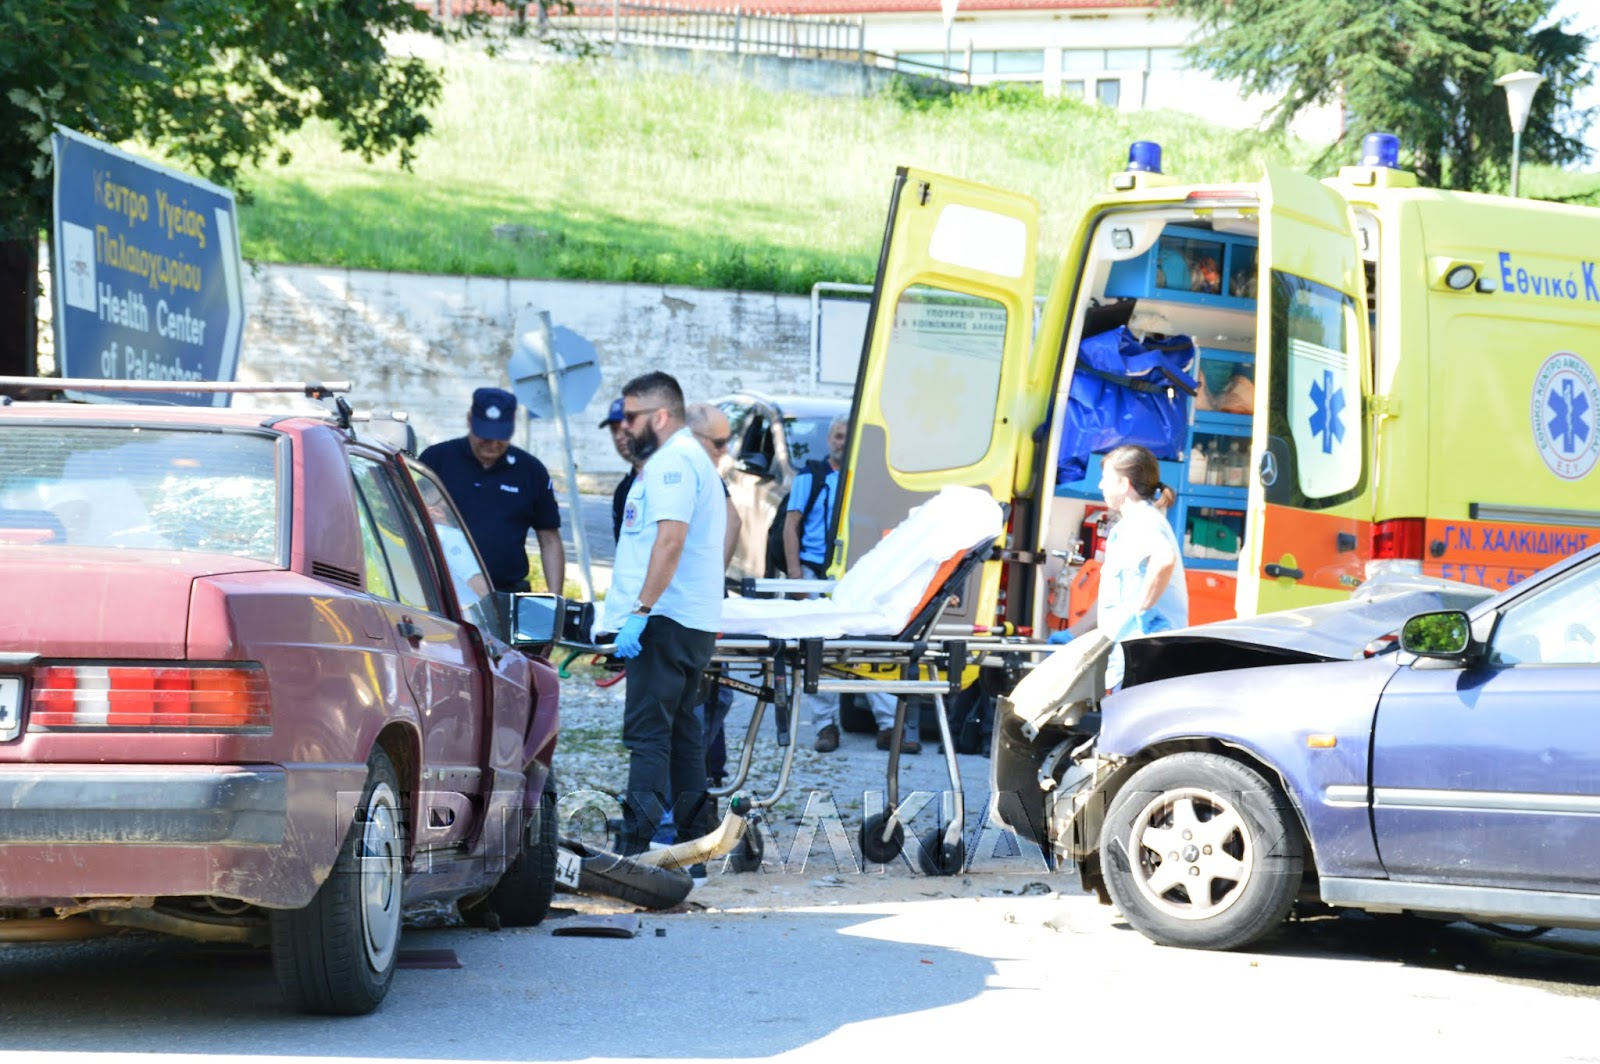 Τροχαίο ατύχημα στο Παλαιοχώρι Χαλκιδικής (ΦΩΤΟ)